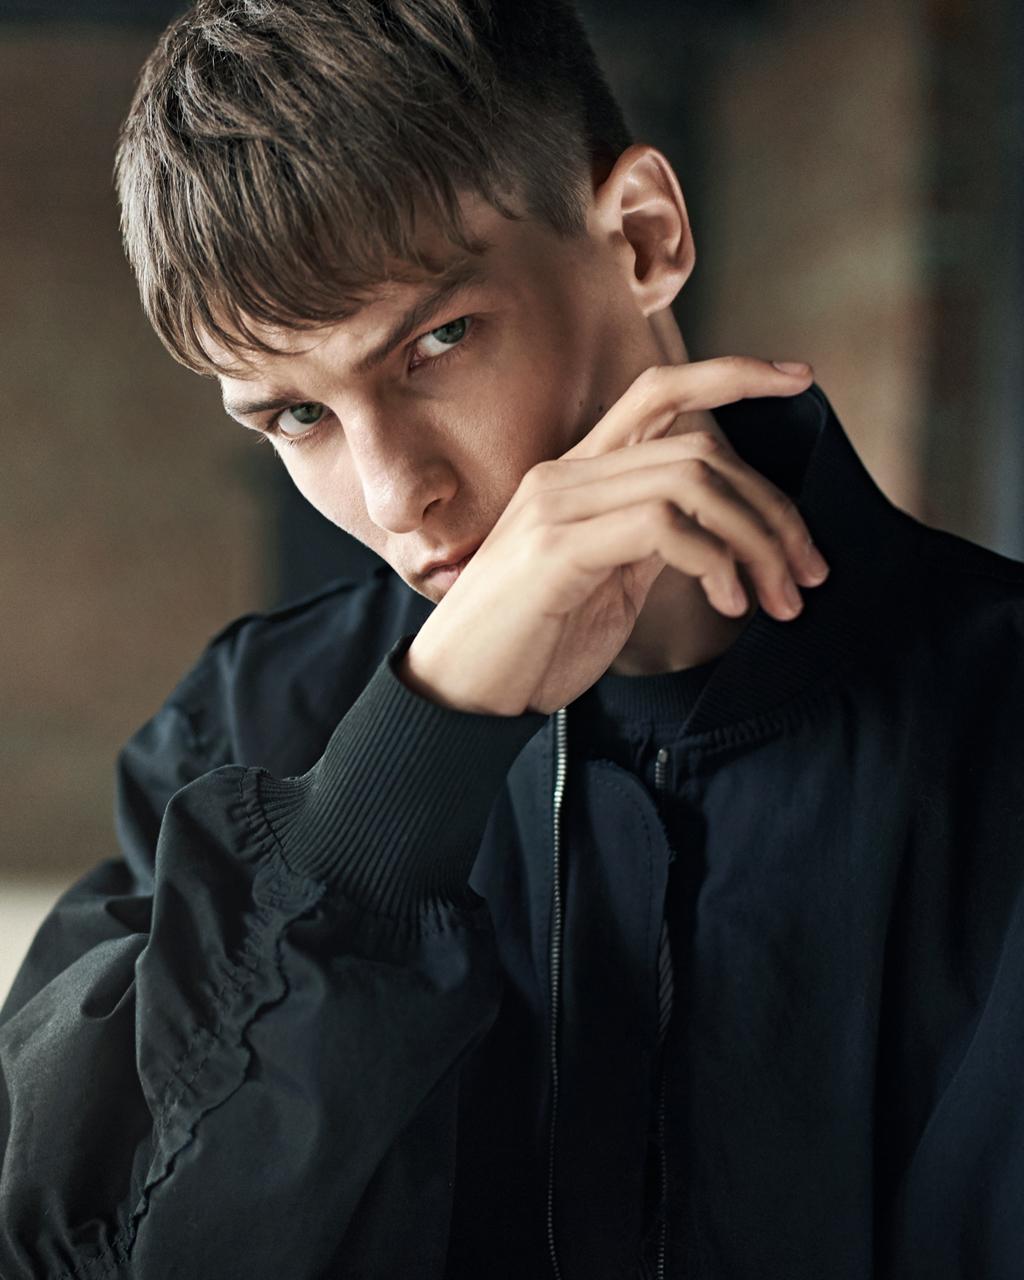 MIKHAIL SHMATOV